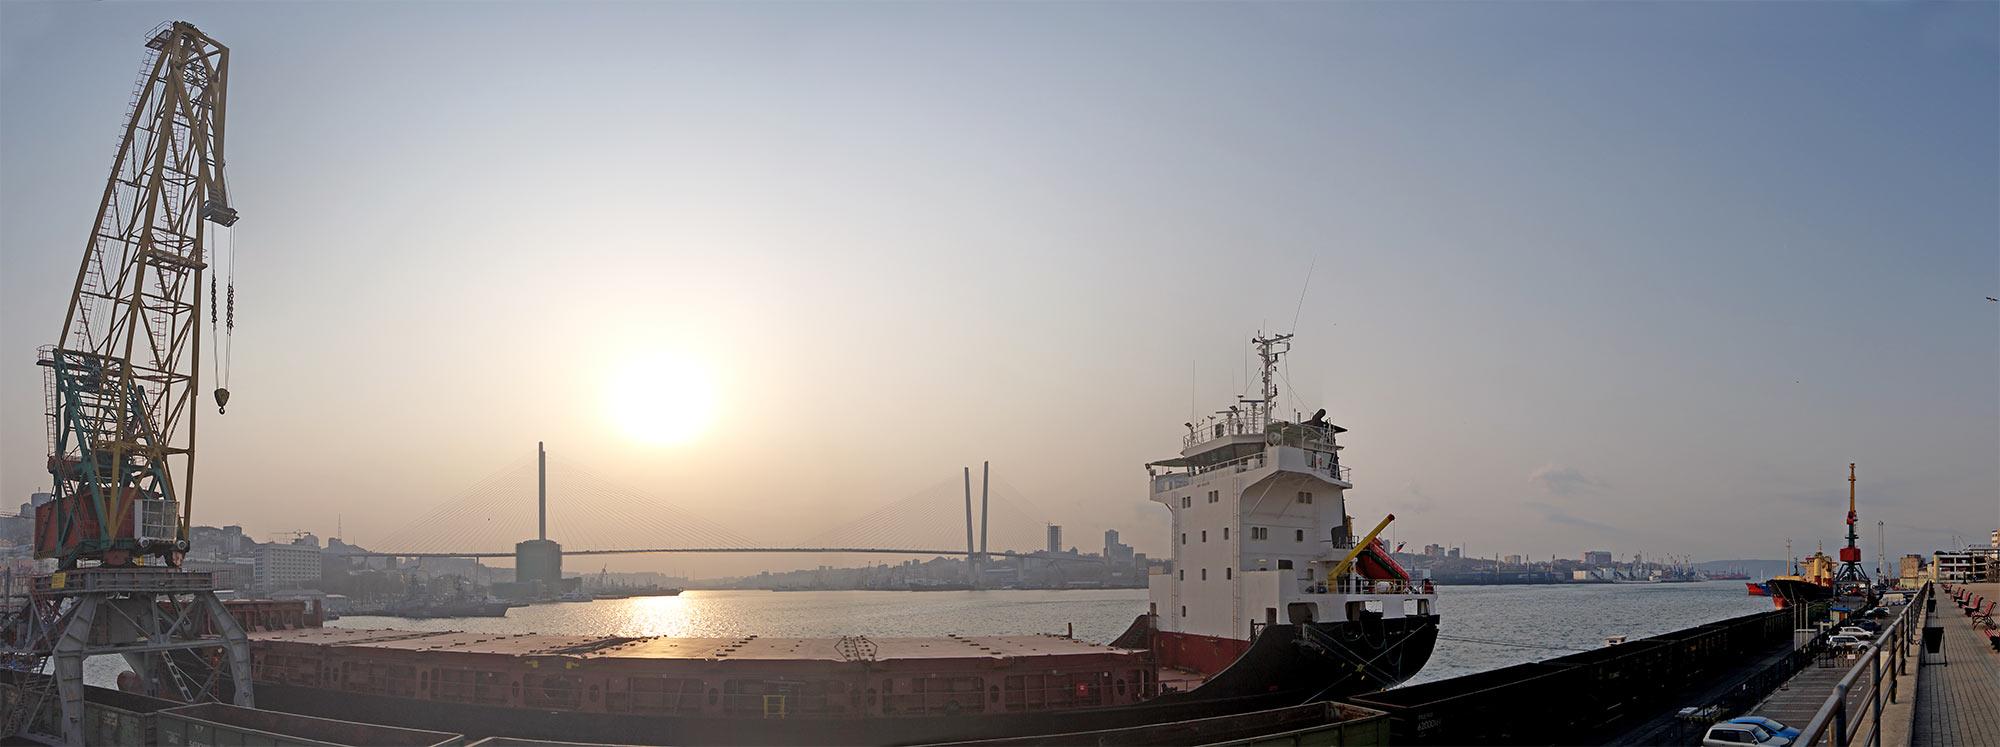 Владивосток, панорама, бухта, порт, Золотой Рог, утро